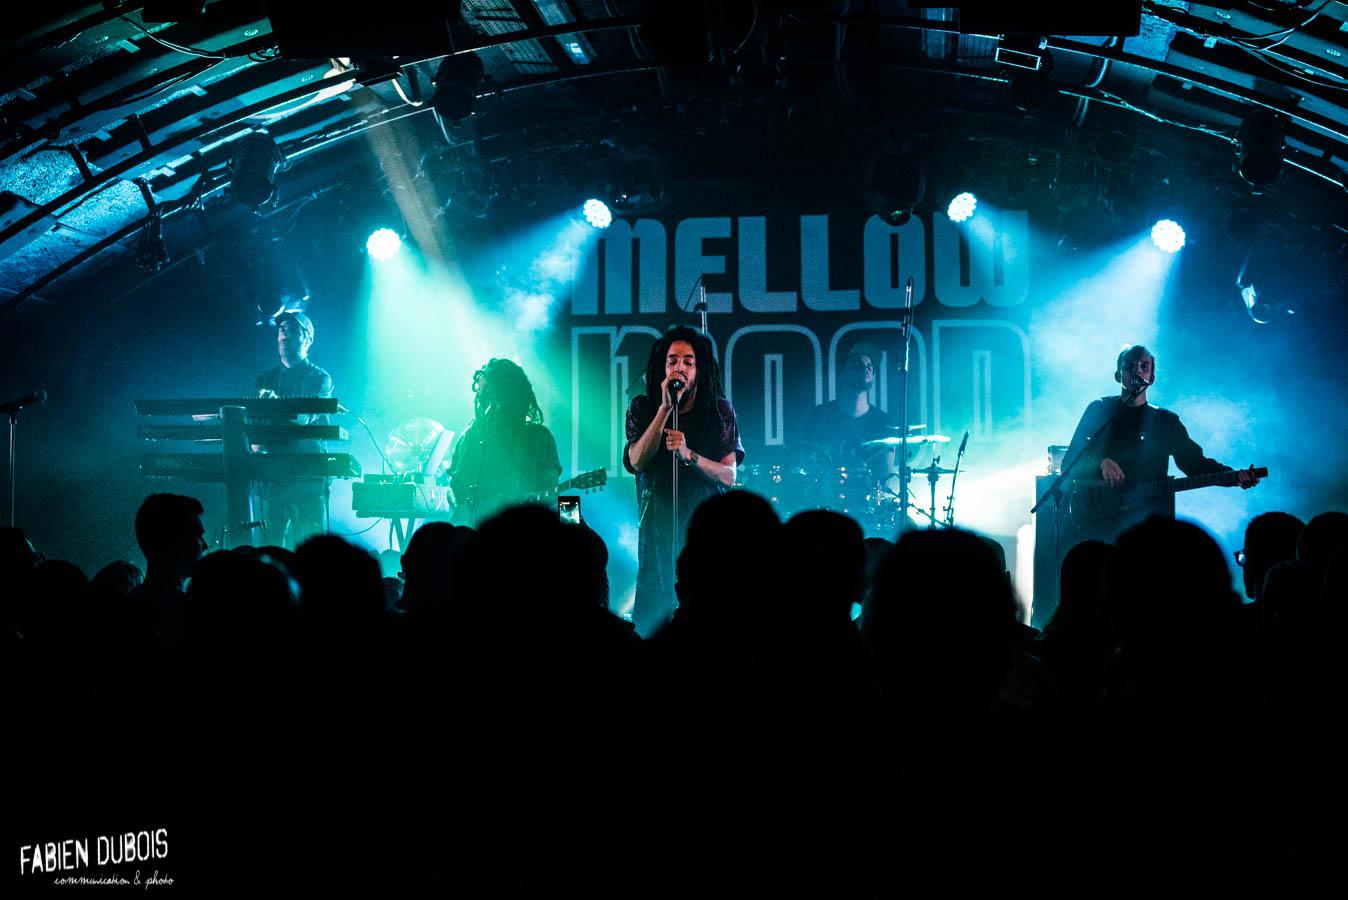 Photo Mellow Mood Cavazik Cave Musique Mâcon France 2017